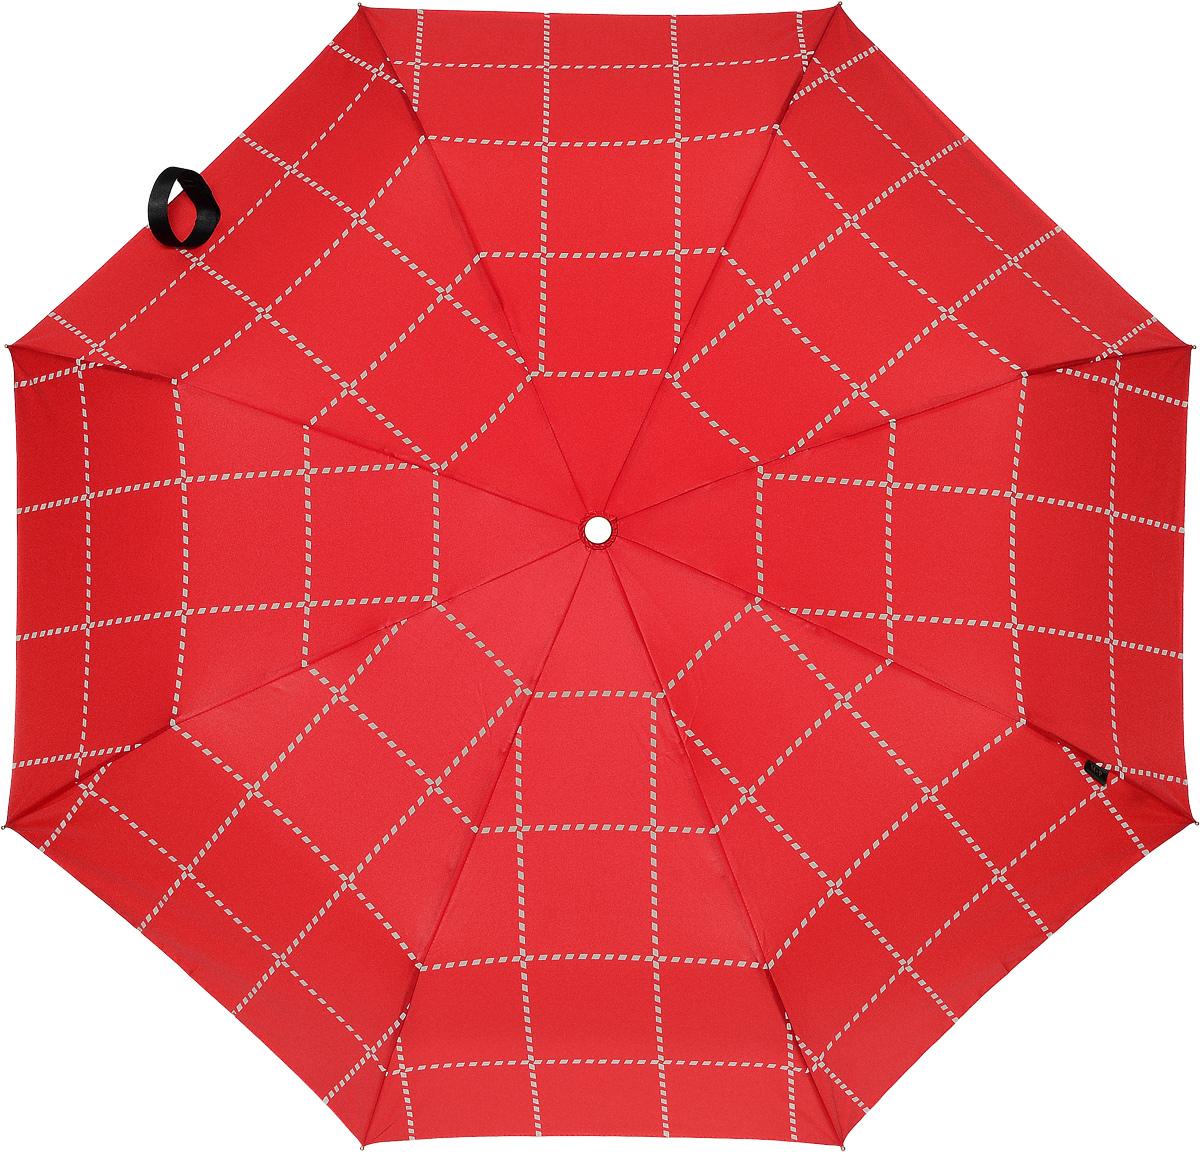 M&P 5789-4 Зонт полный автом. 3 сл. жен.5789-4Зонт испанского производителя Clima. В производстве зонтов используются современные материалы, что делает зонты легкими, но в то же время крепкими.Полный автомат, 3 сложения, 7 спиц, полиэстер.